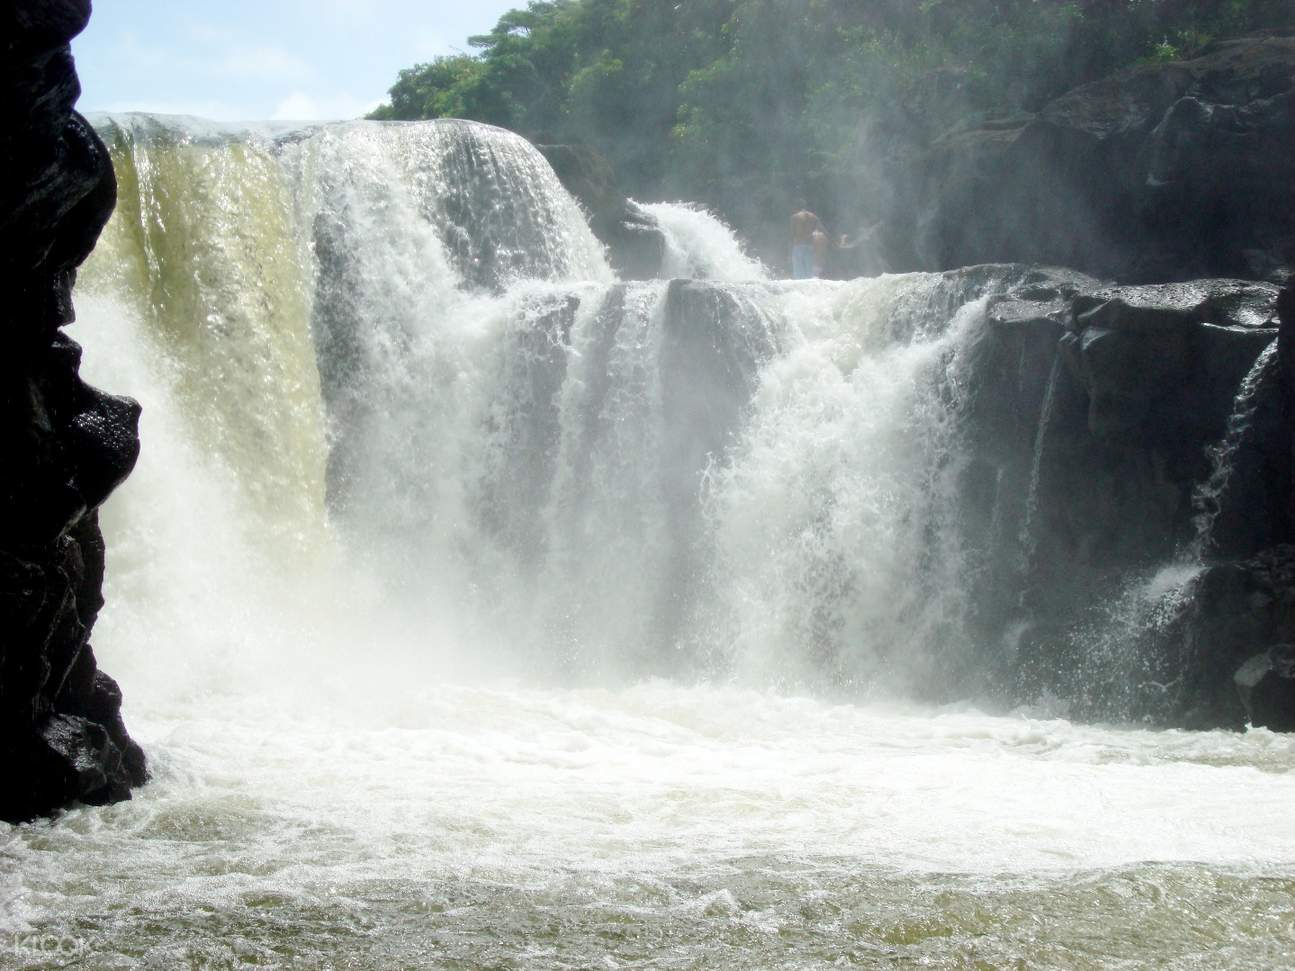 毛里求斯鹿島,毛里求斯一日遊,毛里求斯旅遊,毛里求斯著名景點,毛里求斯河口瀑布,毛里求斯中文團